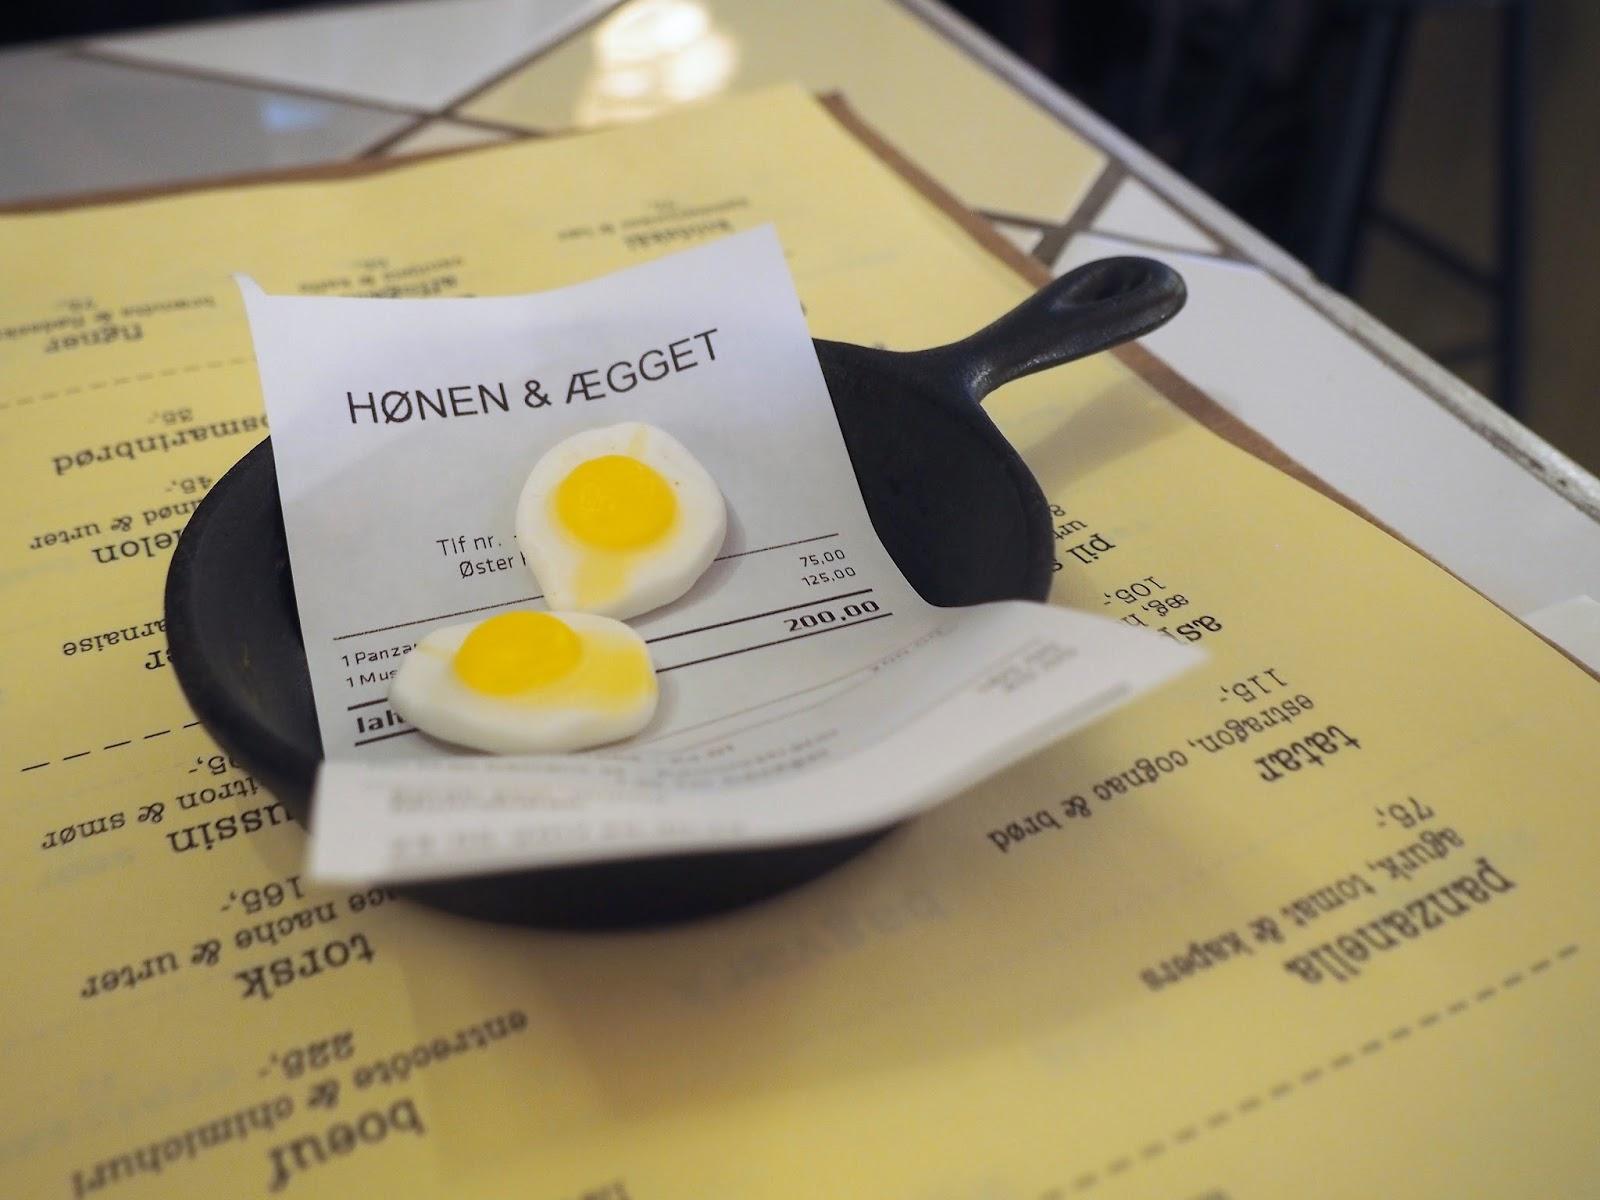 Honen and Egget, Copenhagen